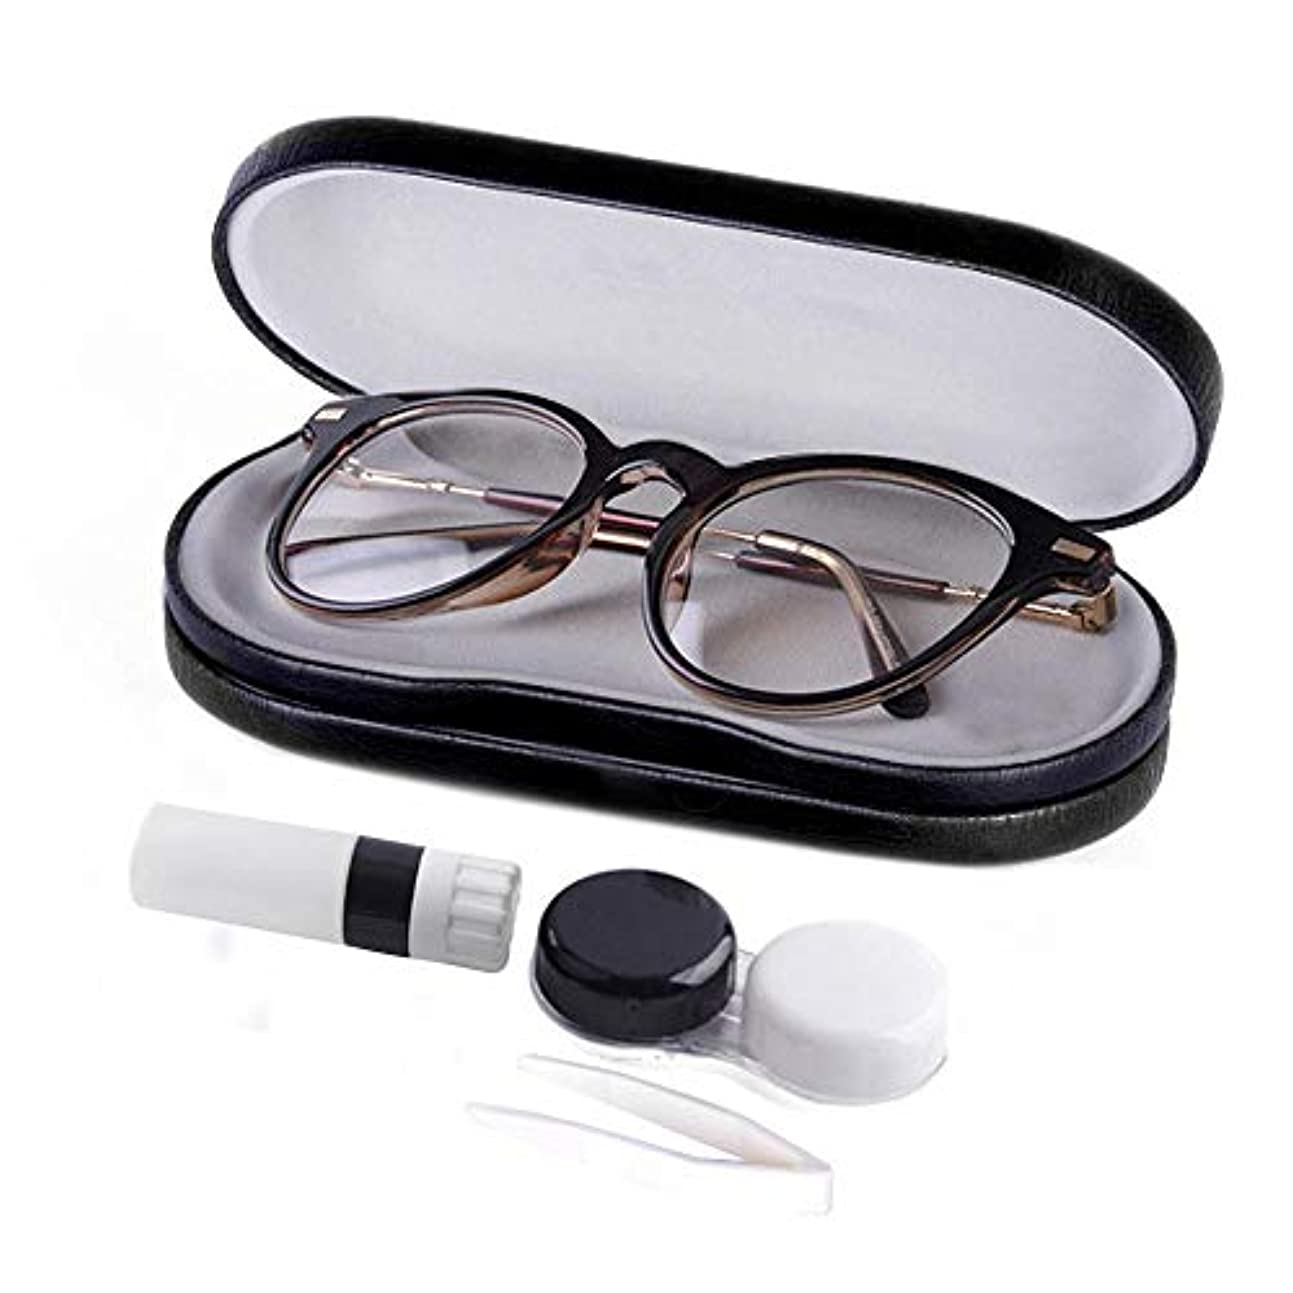 感情レンディションニッケルColdwhite 旅行用に革新的 なコンタクトレンズケース 両面メガネ収納ケース ブラック16x7x5cm / 3x2.4x0.9inch(LxWxH)